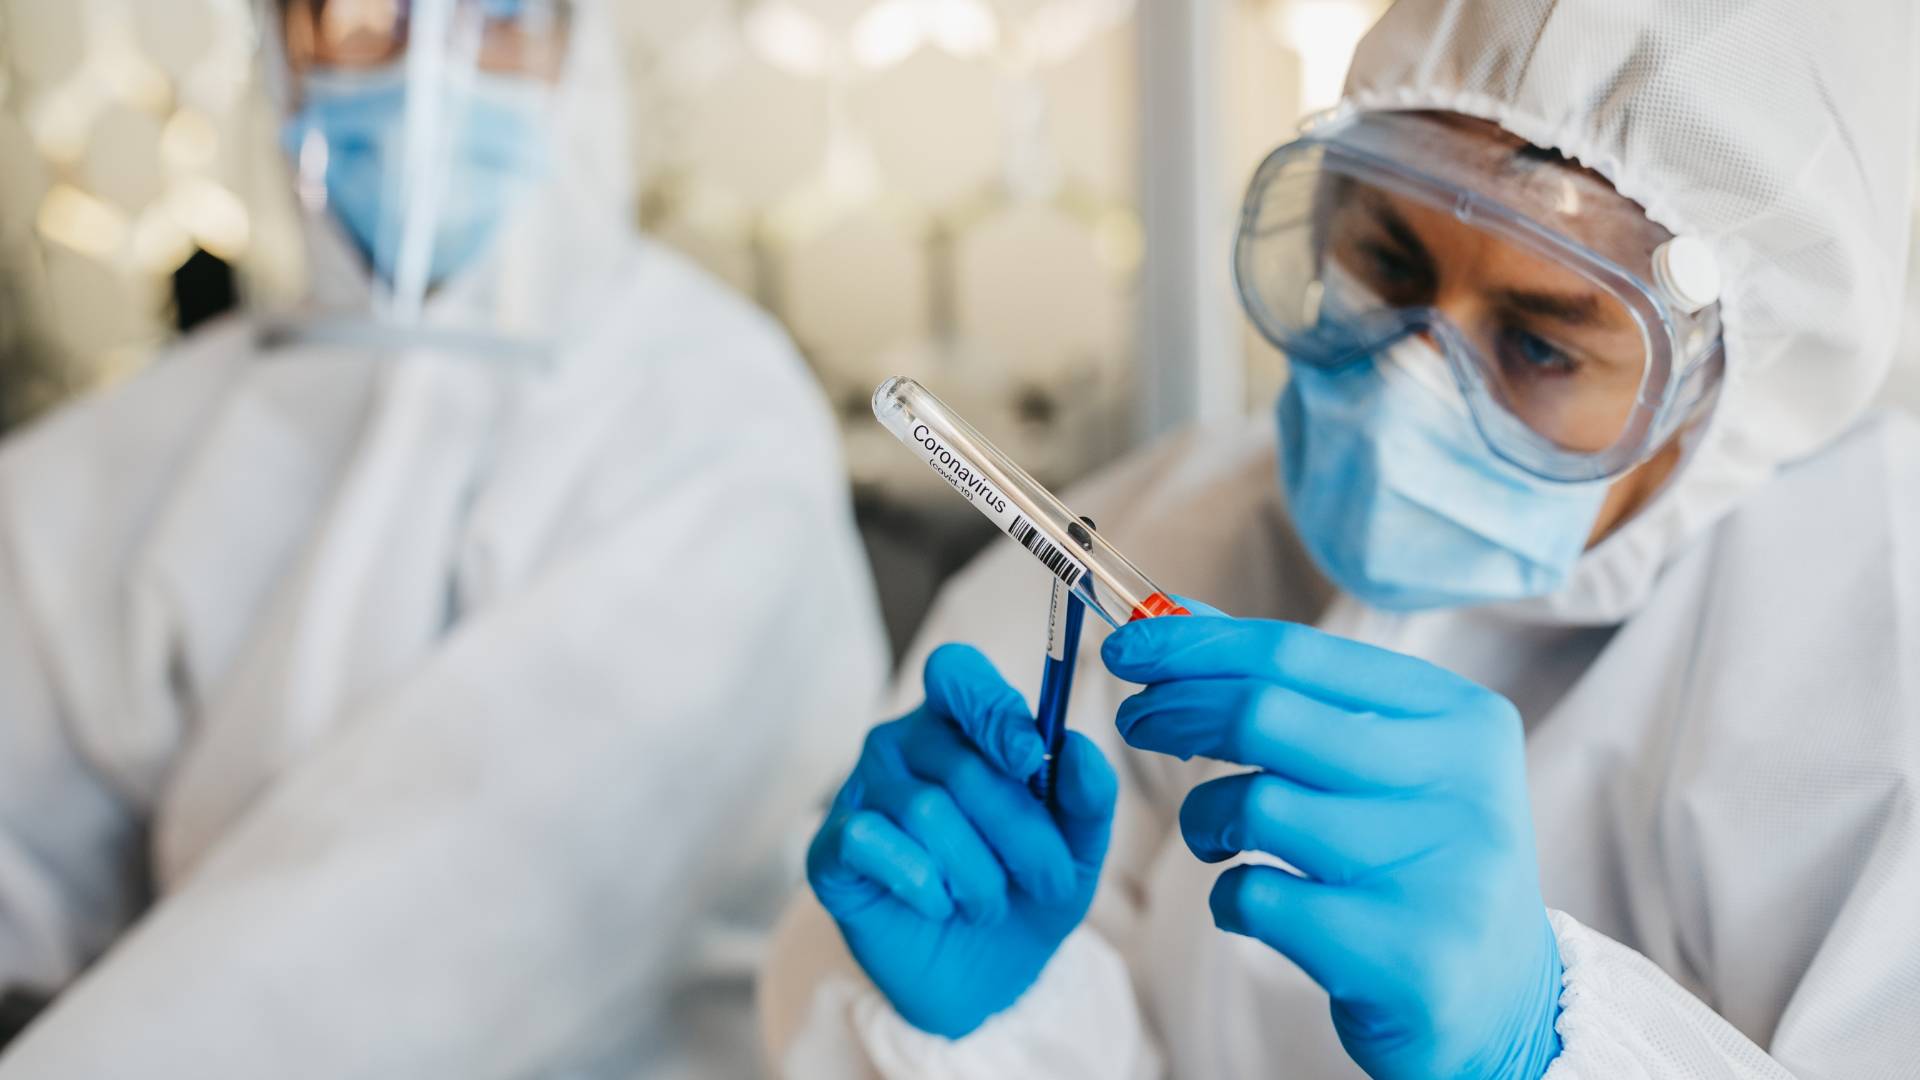 Pressemeddelelse: Pro Trans stamceller godkendt til klinisk forsøg på COVID-19 patienter